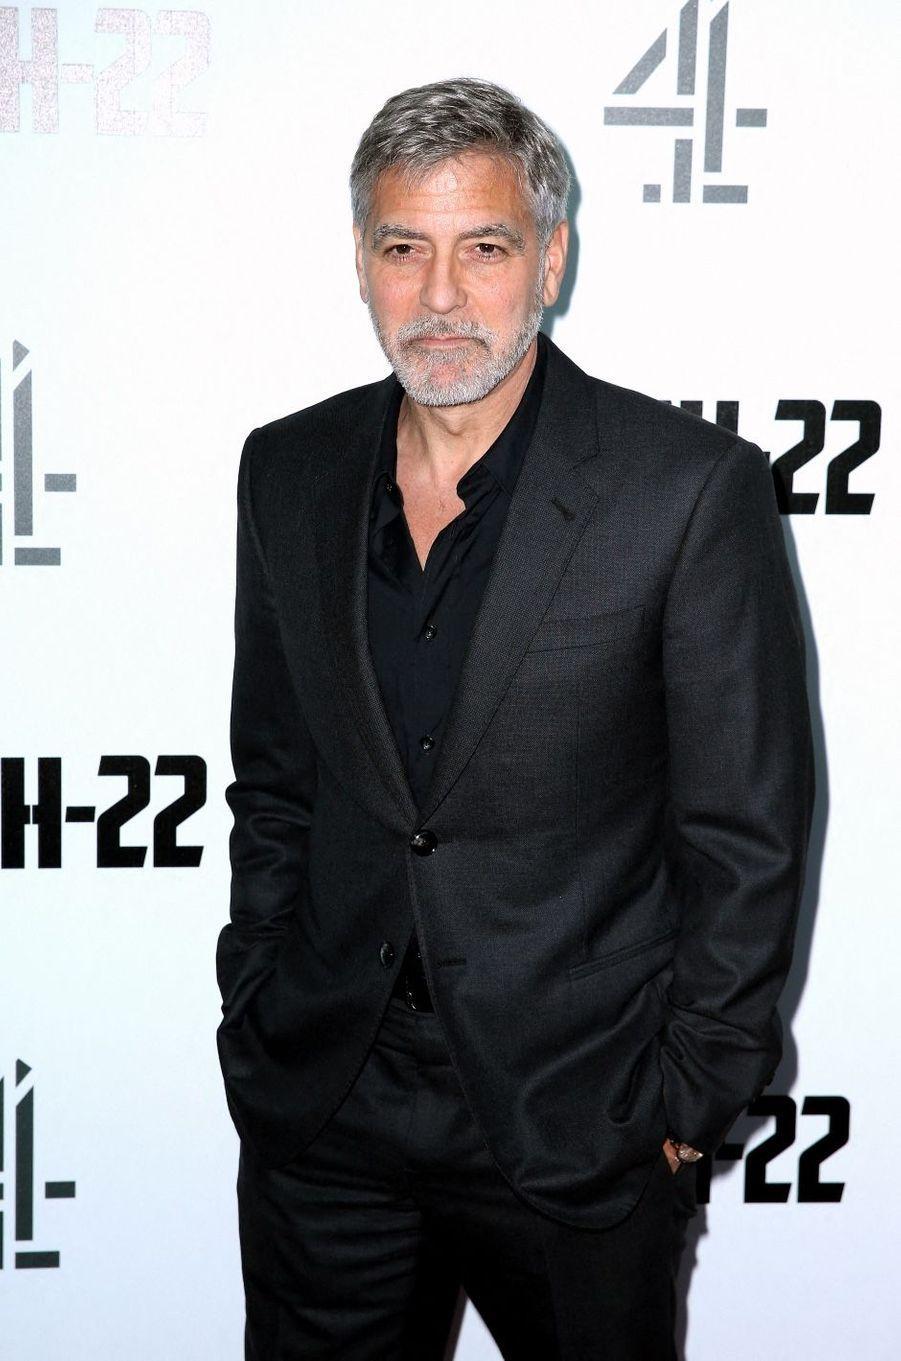 C'est notamment auprès de l'Afrique que George Clooney est engagé. En plus de faire des dons, l'acteur donne aussi de sa personne pour lutter contre les crimes et la corruption sur le continent. En 2019, il proposait au gouvernement américain de s'attaquer aux finances des dirigeants du Soudan afin d'endiguer la violence dans le pays.